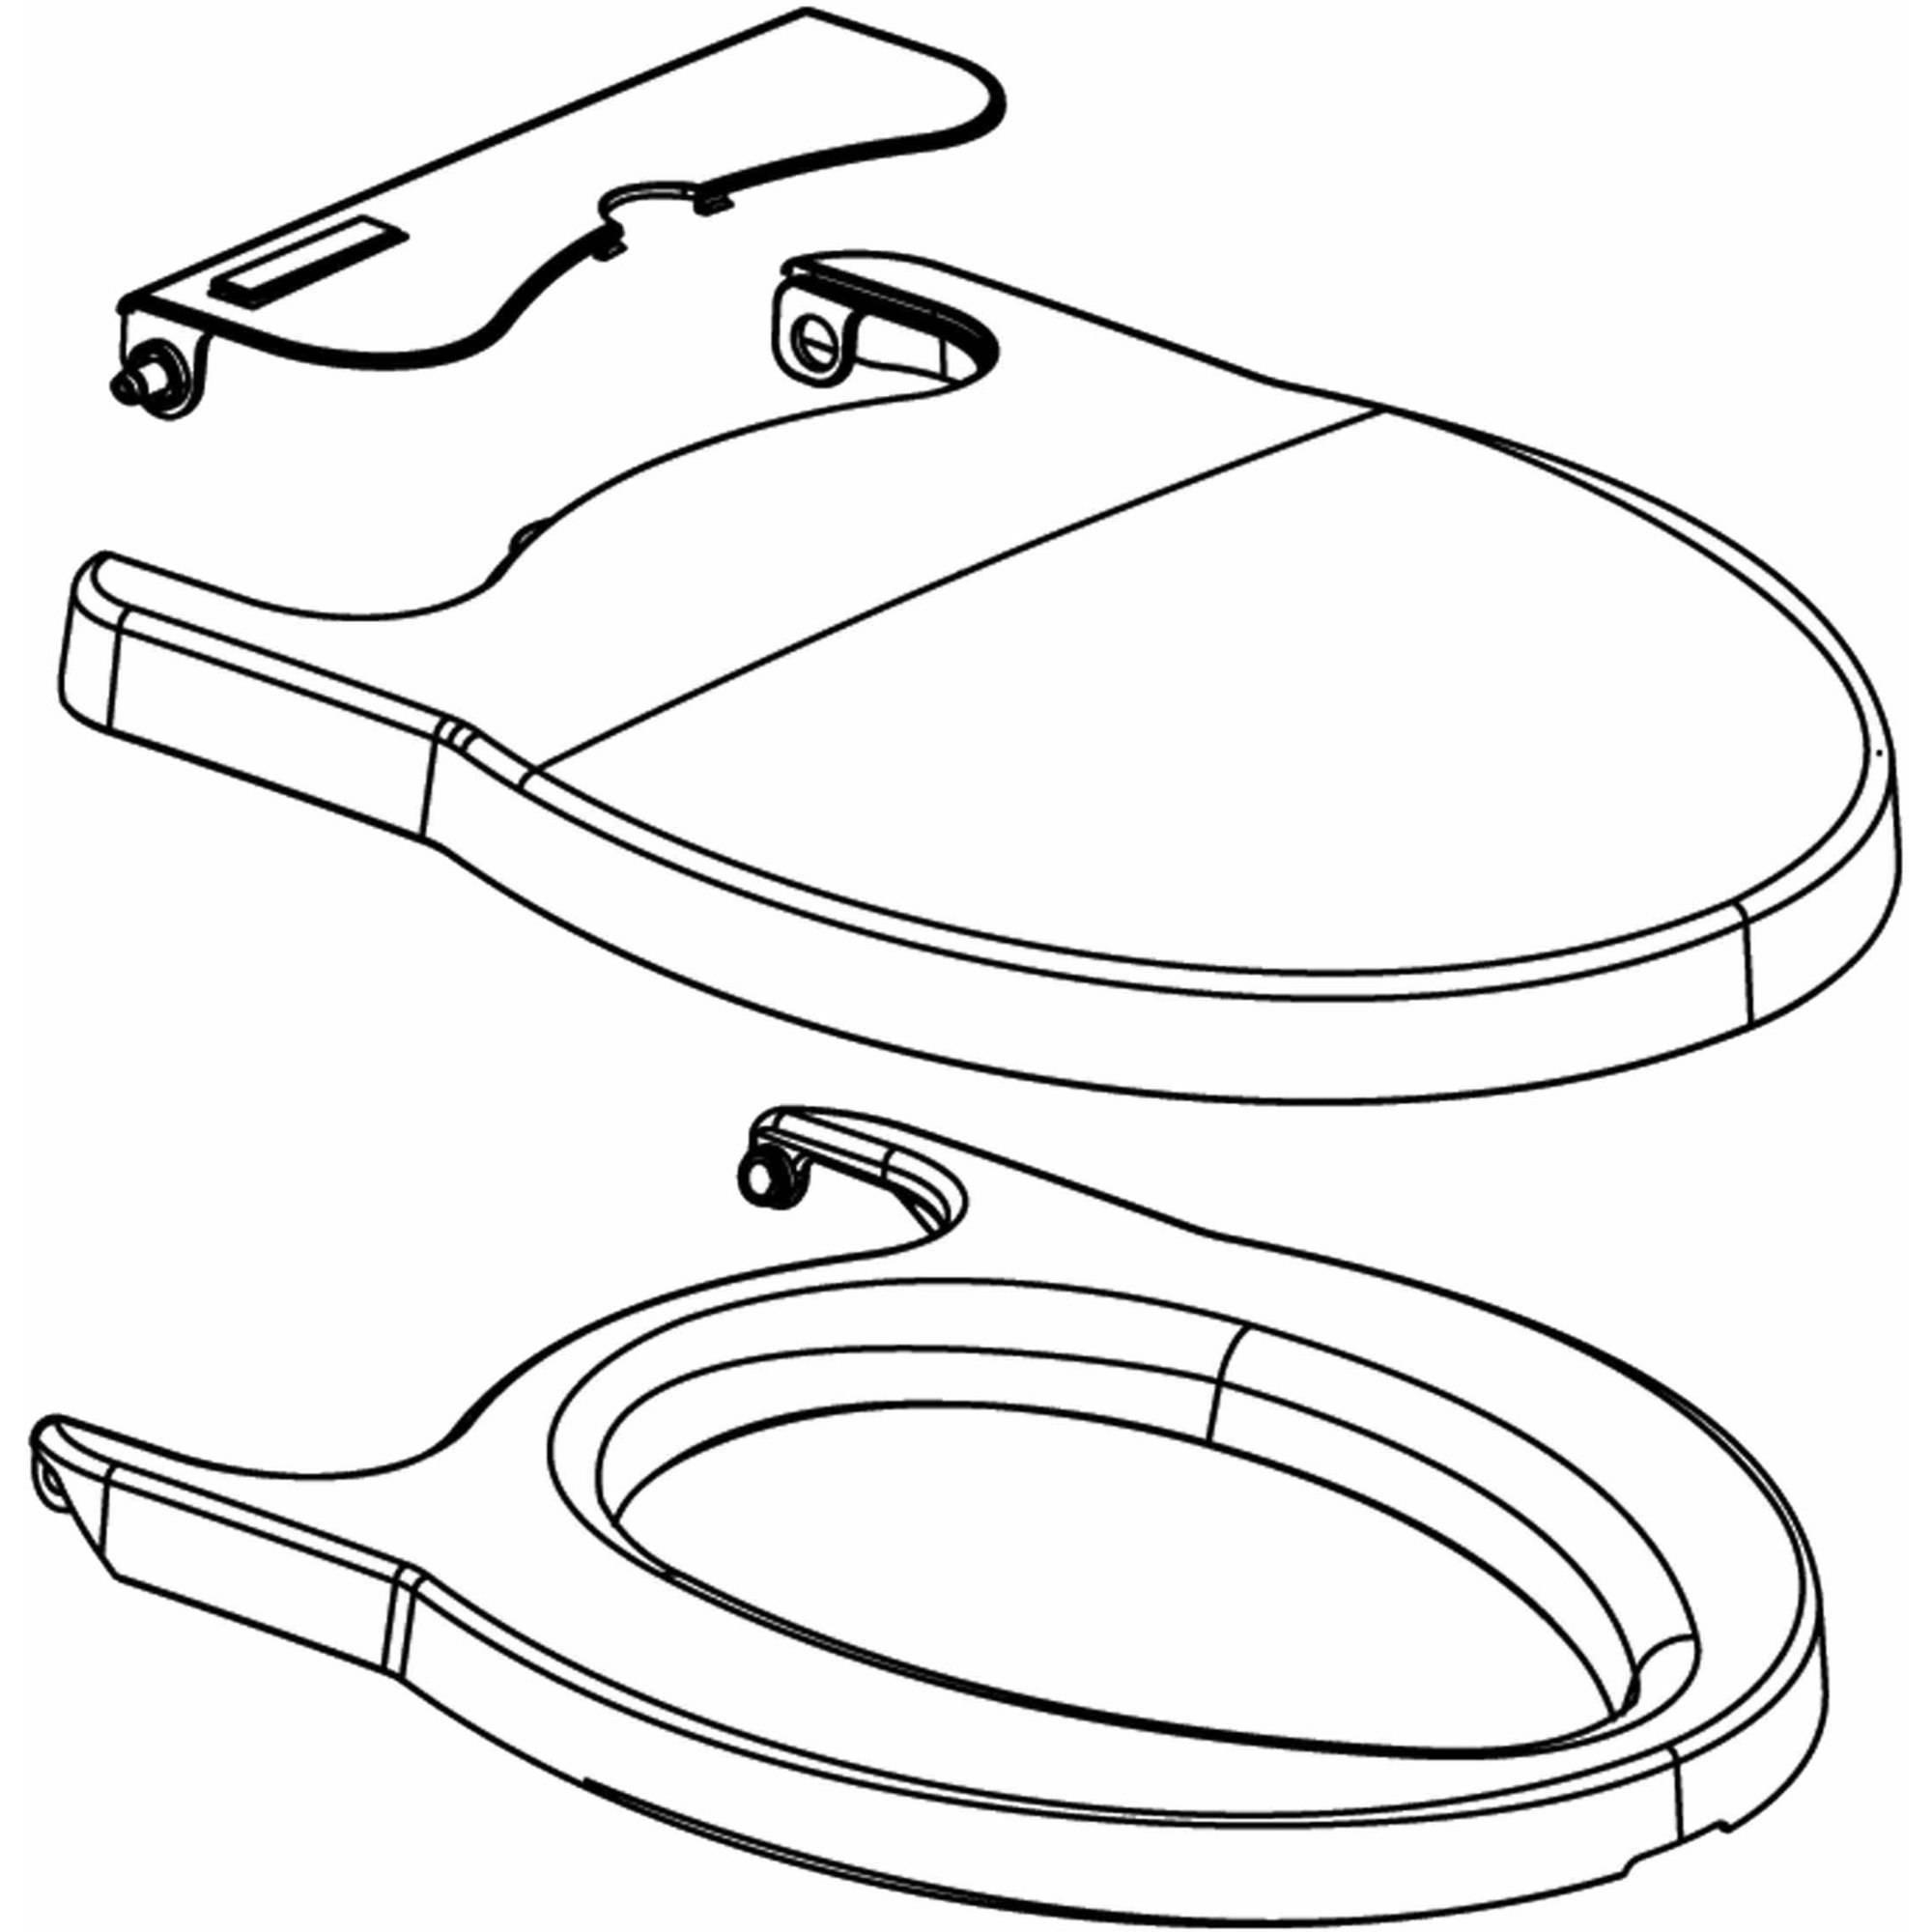 2002 bmw 330i serpentine belt diagram